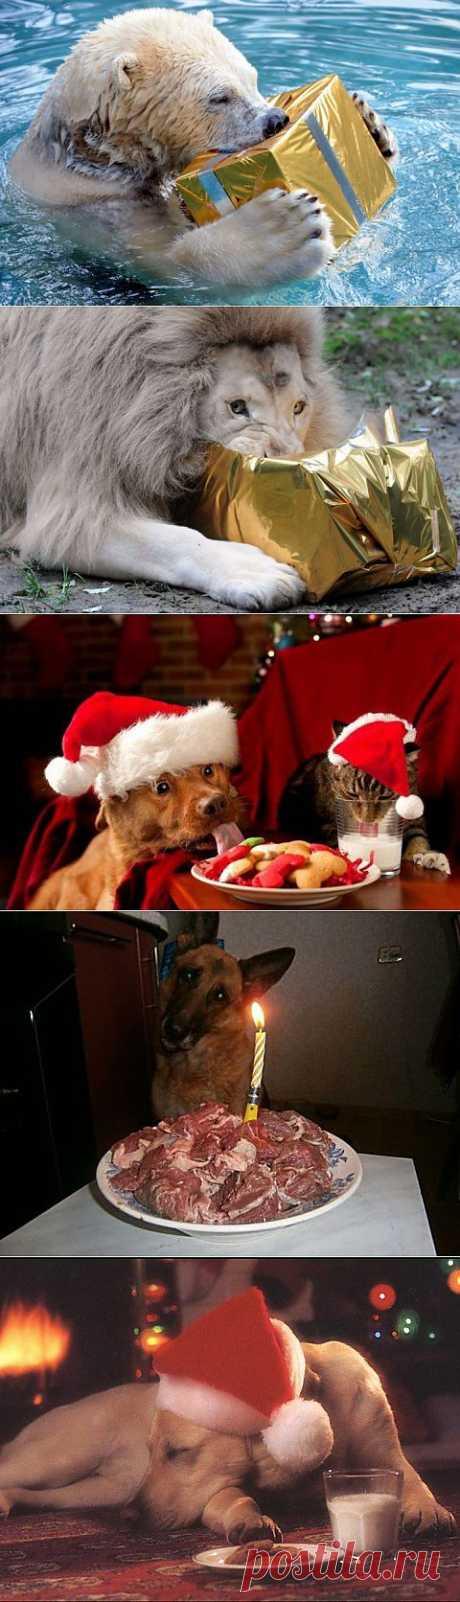 (+1) тема - Рождество в мире животных | Четвероногий юмор